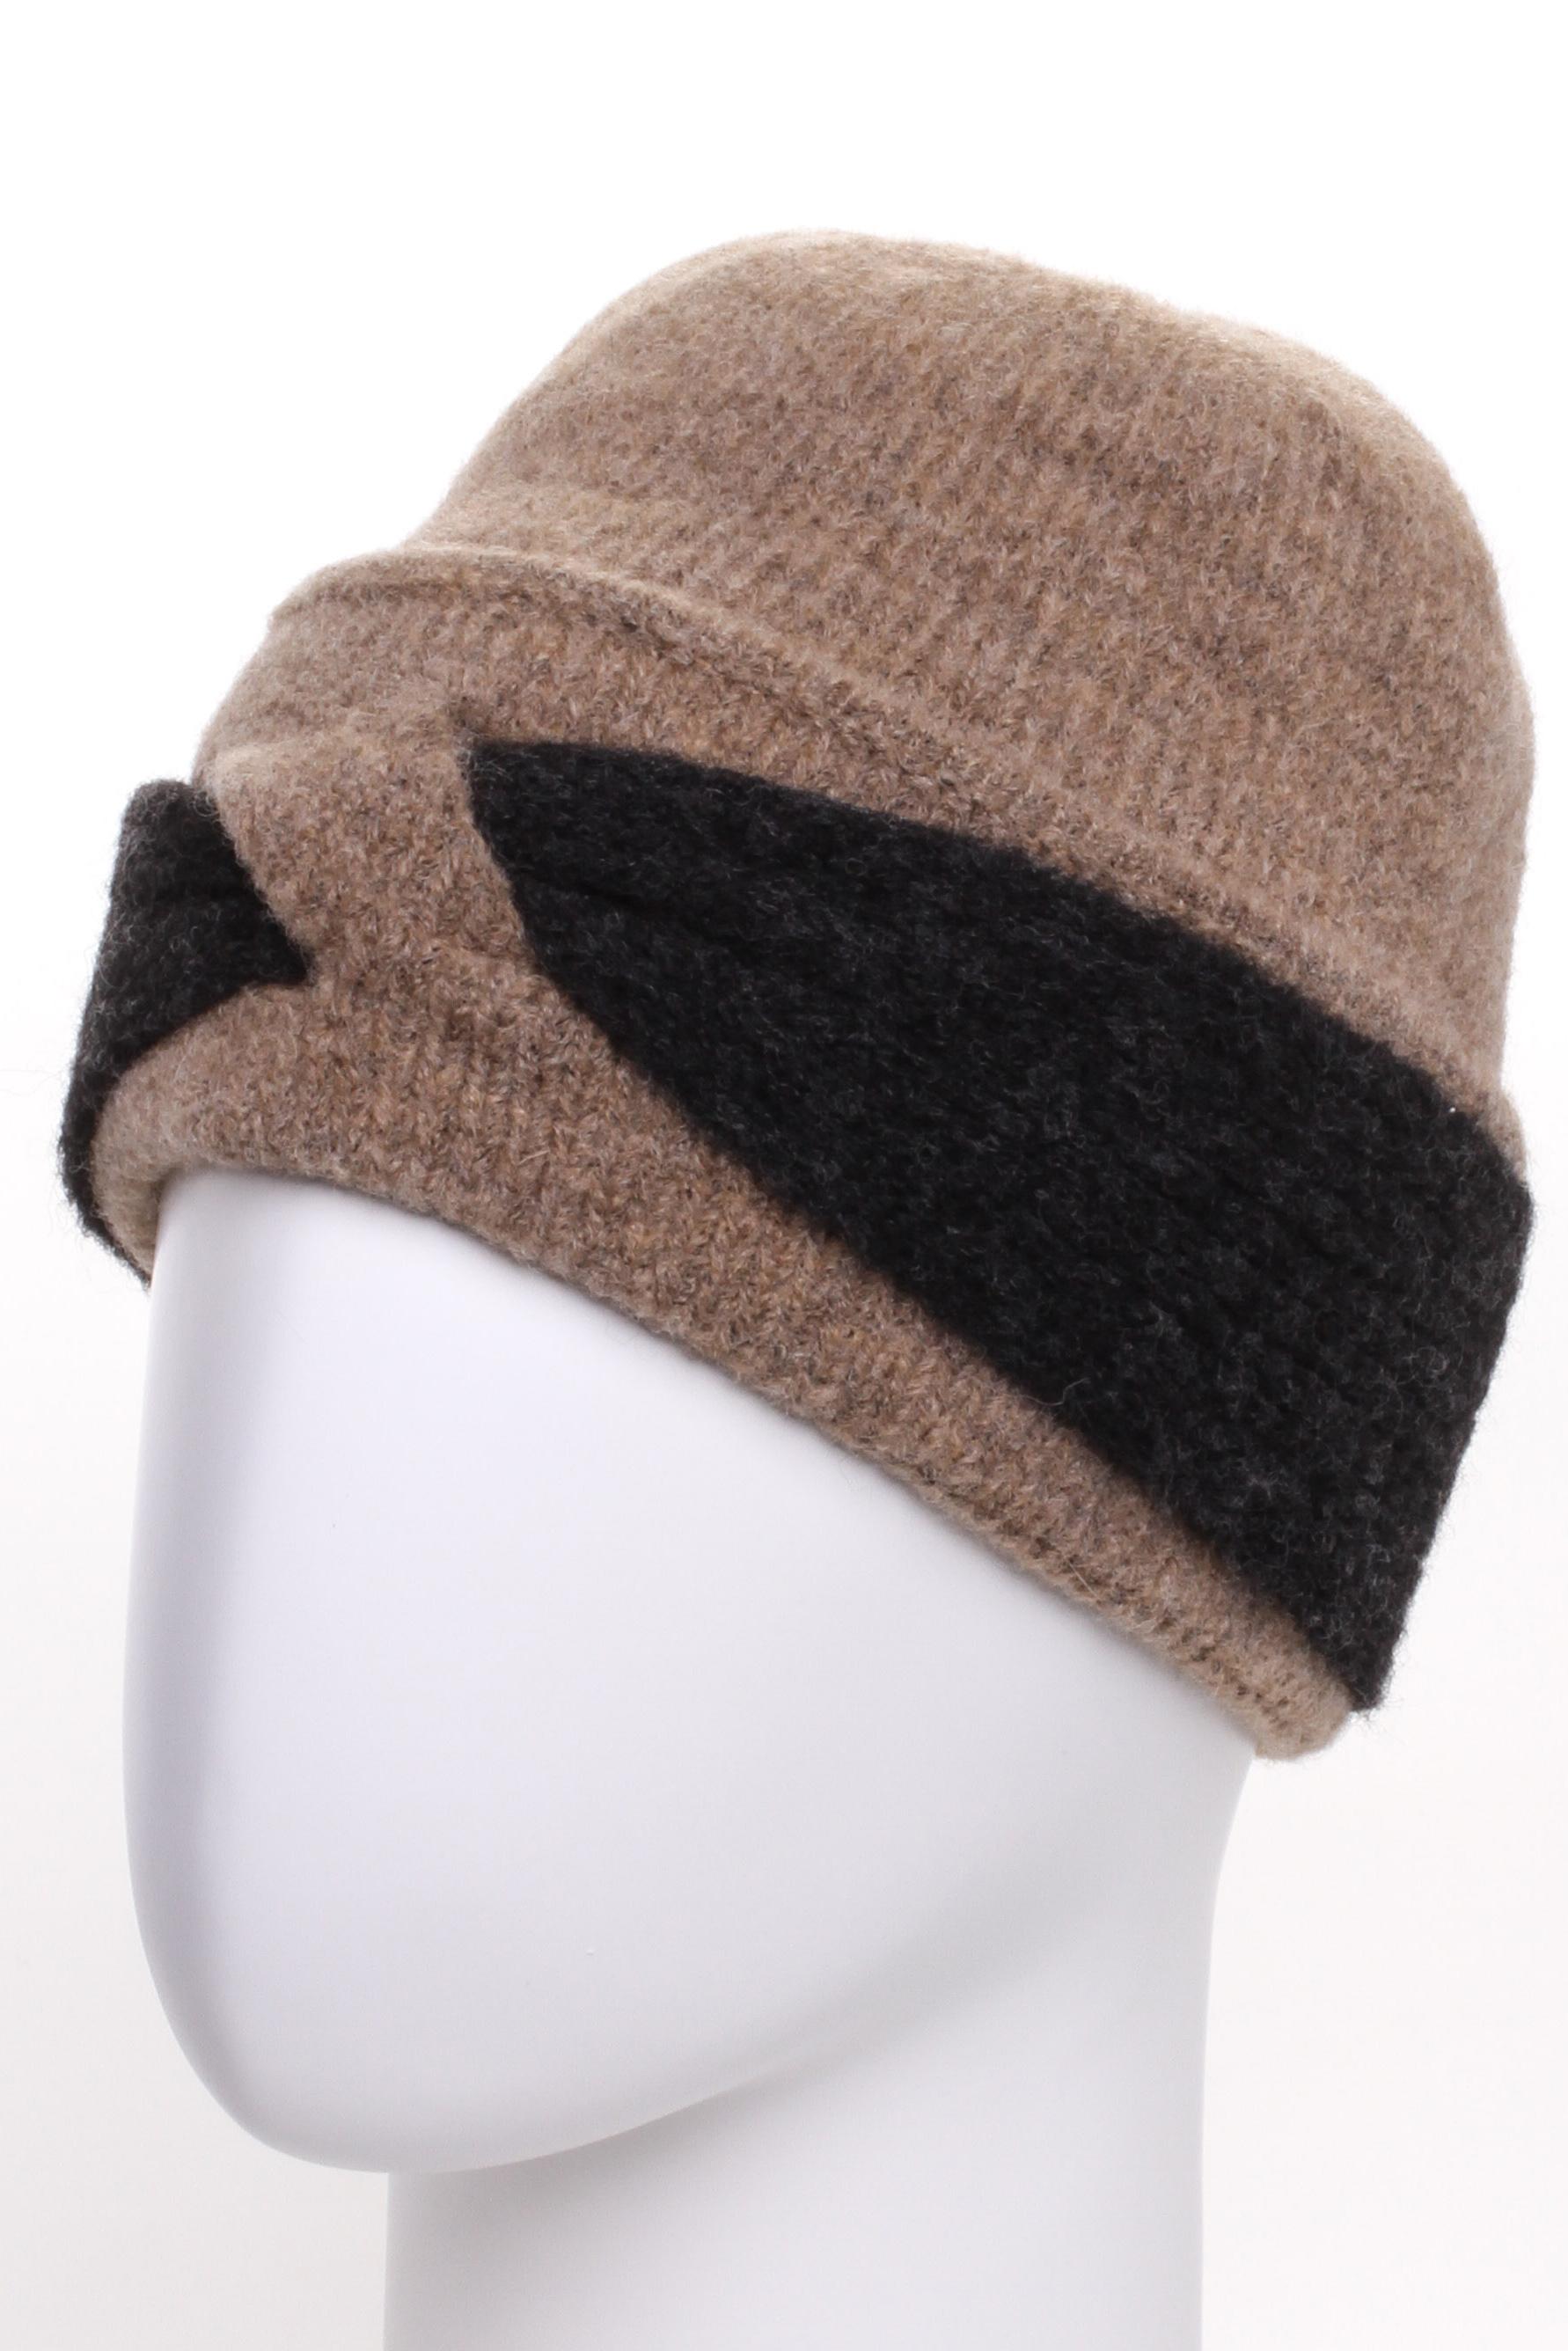 ШапкаШапки<br>Стильная шапка защитит Вас от непогоды и станет прекрасным дополнением Вашего образа.  В изделии использованы цвета: бежевый, черный<br><br>По материалу: Вязаные<br>По рисунку: Цветные<br>По сезону: Зима<br>Размер : universal<br>Материал: Вязаное полотно<br>Количество в наличии: 1